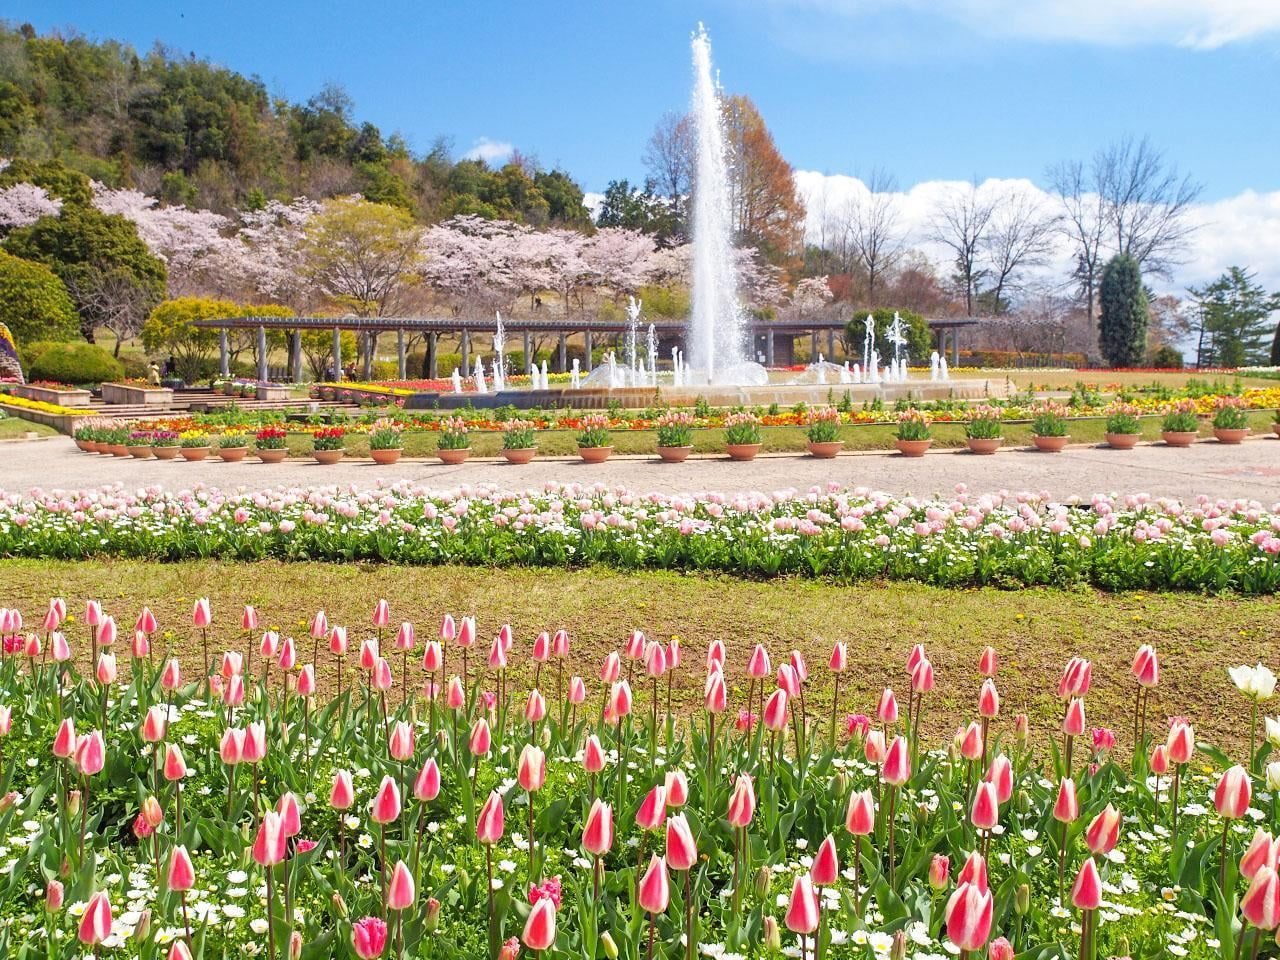 チューリップまつり2020【加西・兵庫県立フラワーセンター】色鮮やかな春を満喫!中止情報も